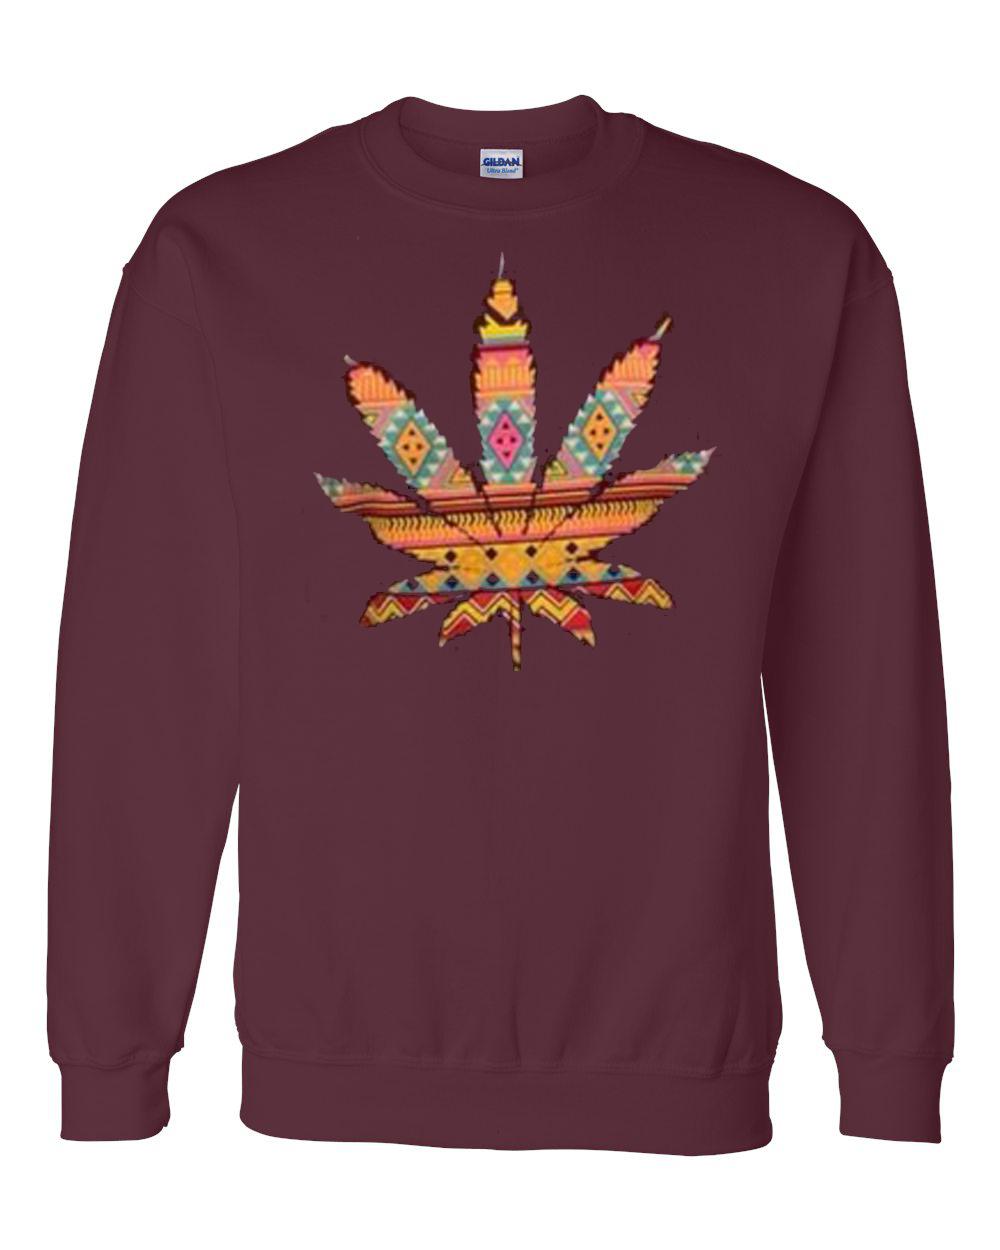 Colorful Weed Maroon Sweatshirt